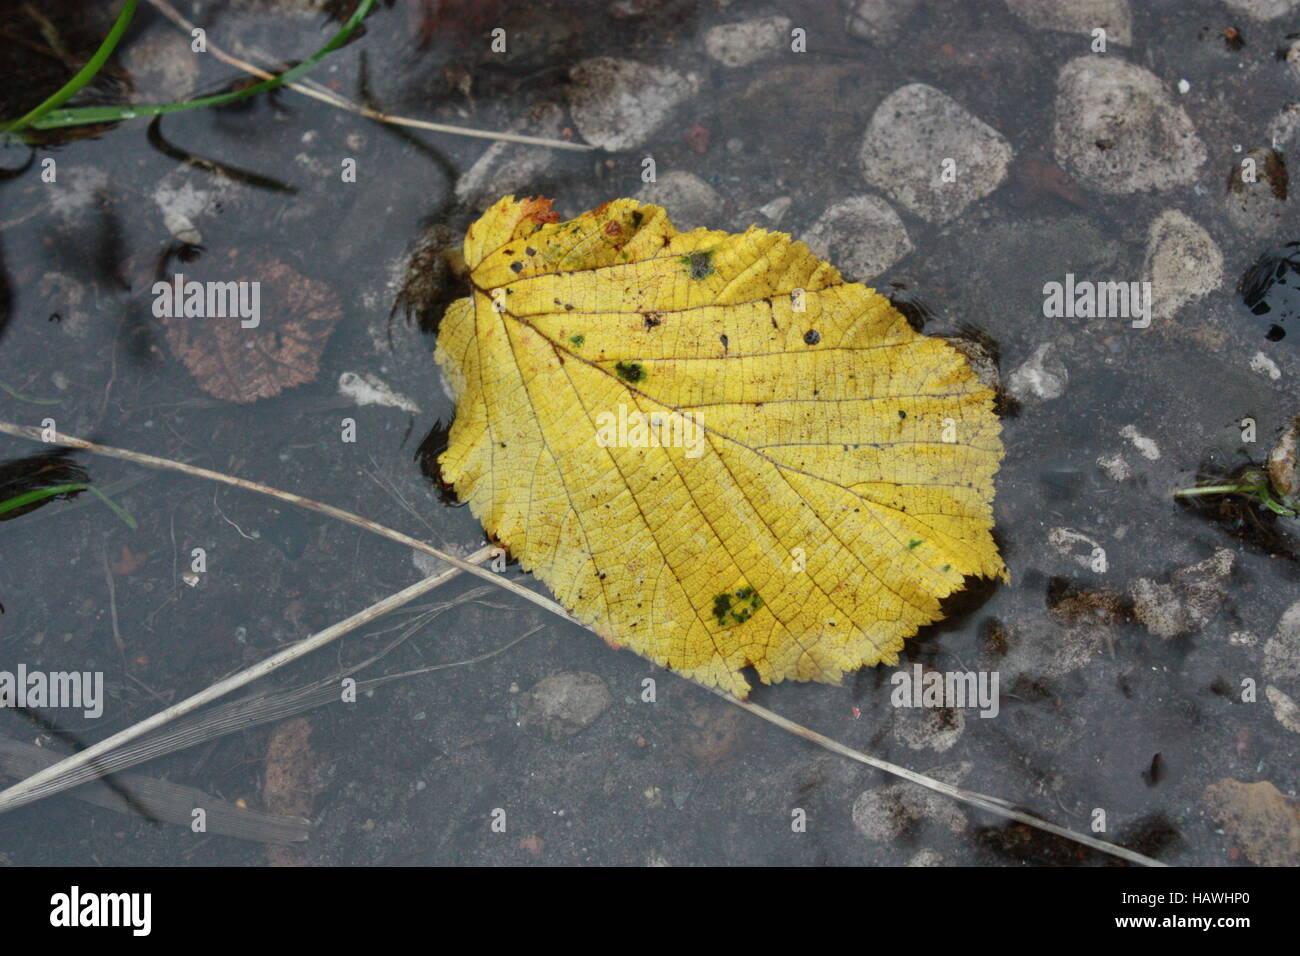 Feuille jaune dans l'eau de pluie Photo Stock